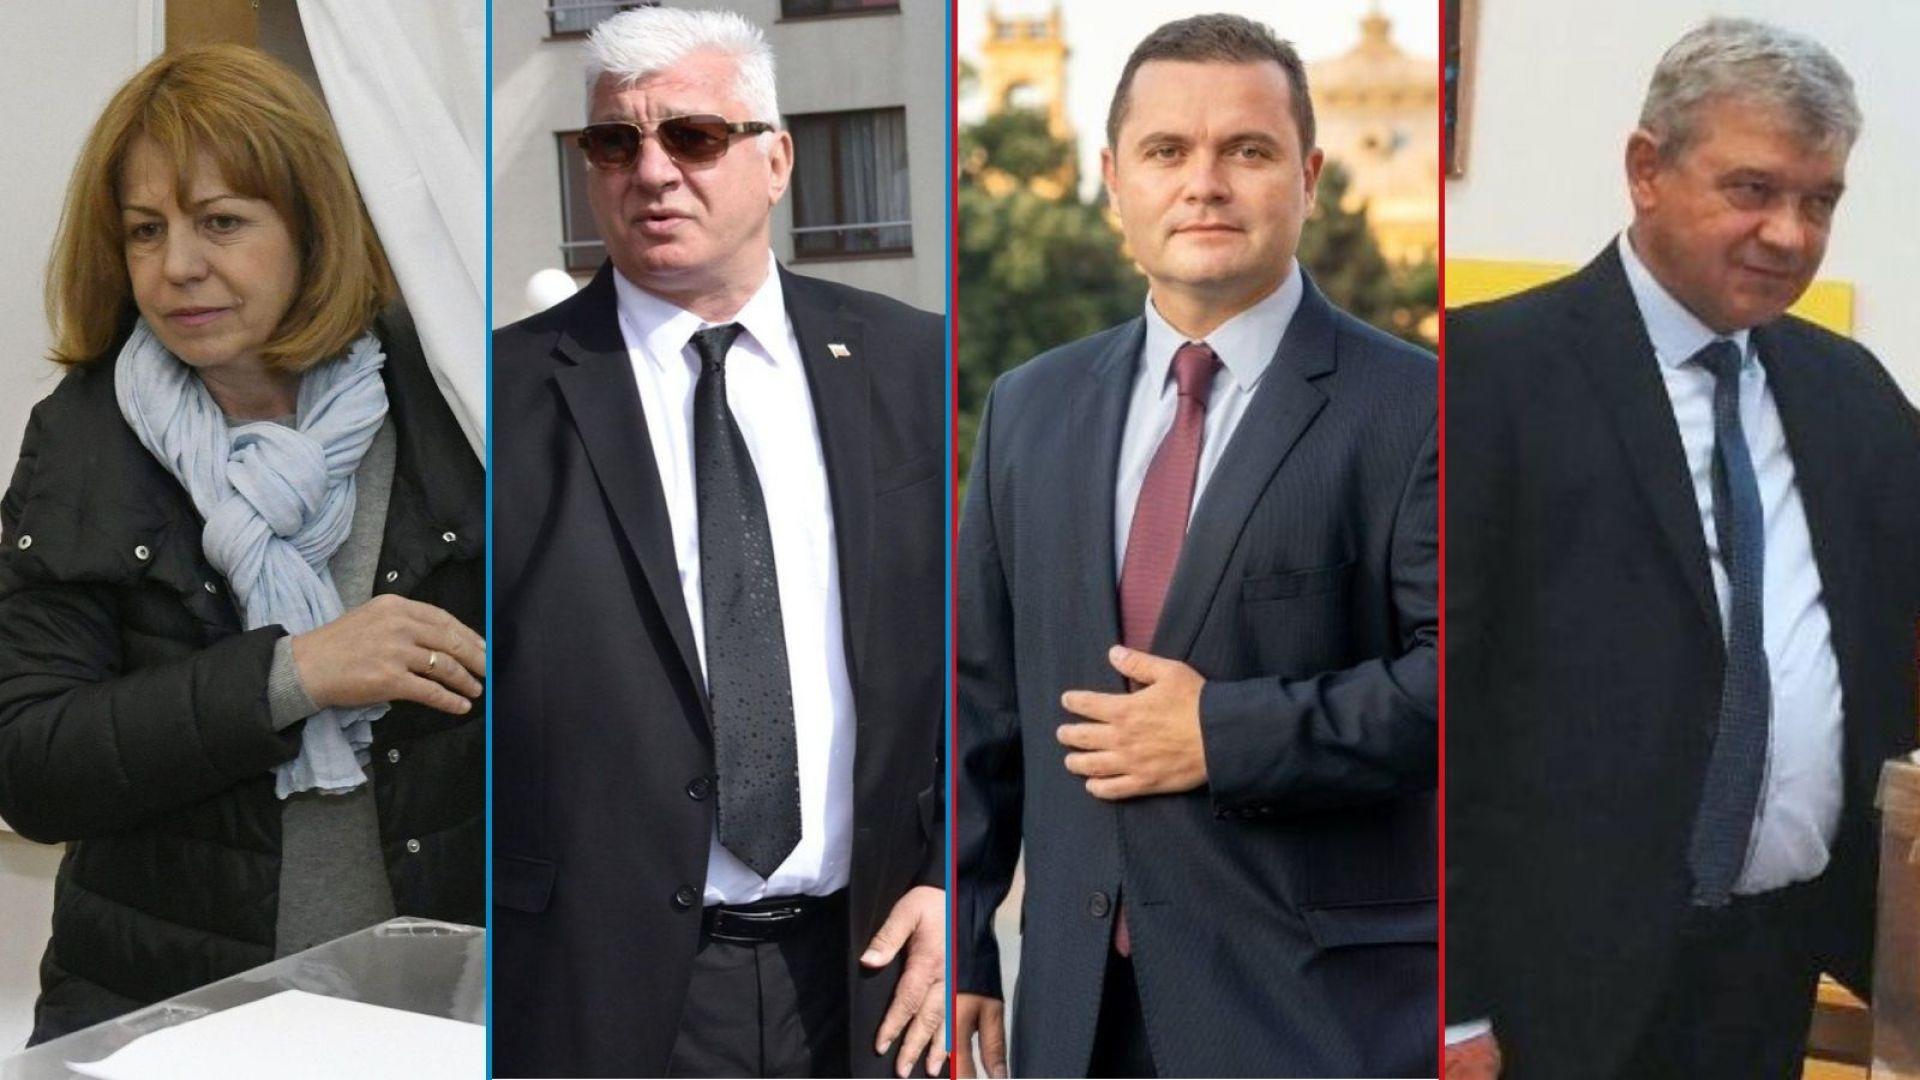 Първи резултати: София е на Фандъкова, Пловдив - на Зико, БСП печели Русе, ГЕРБ губи Благоевград